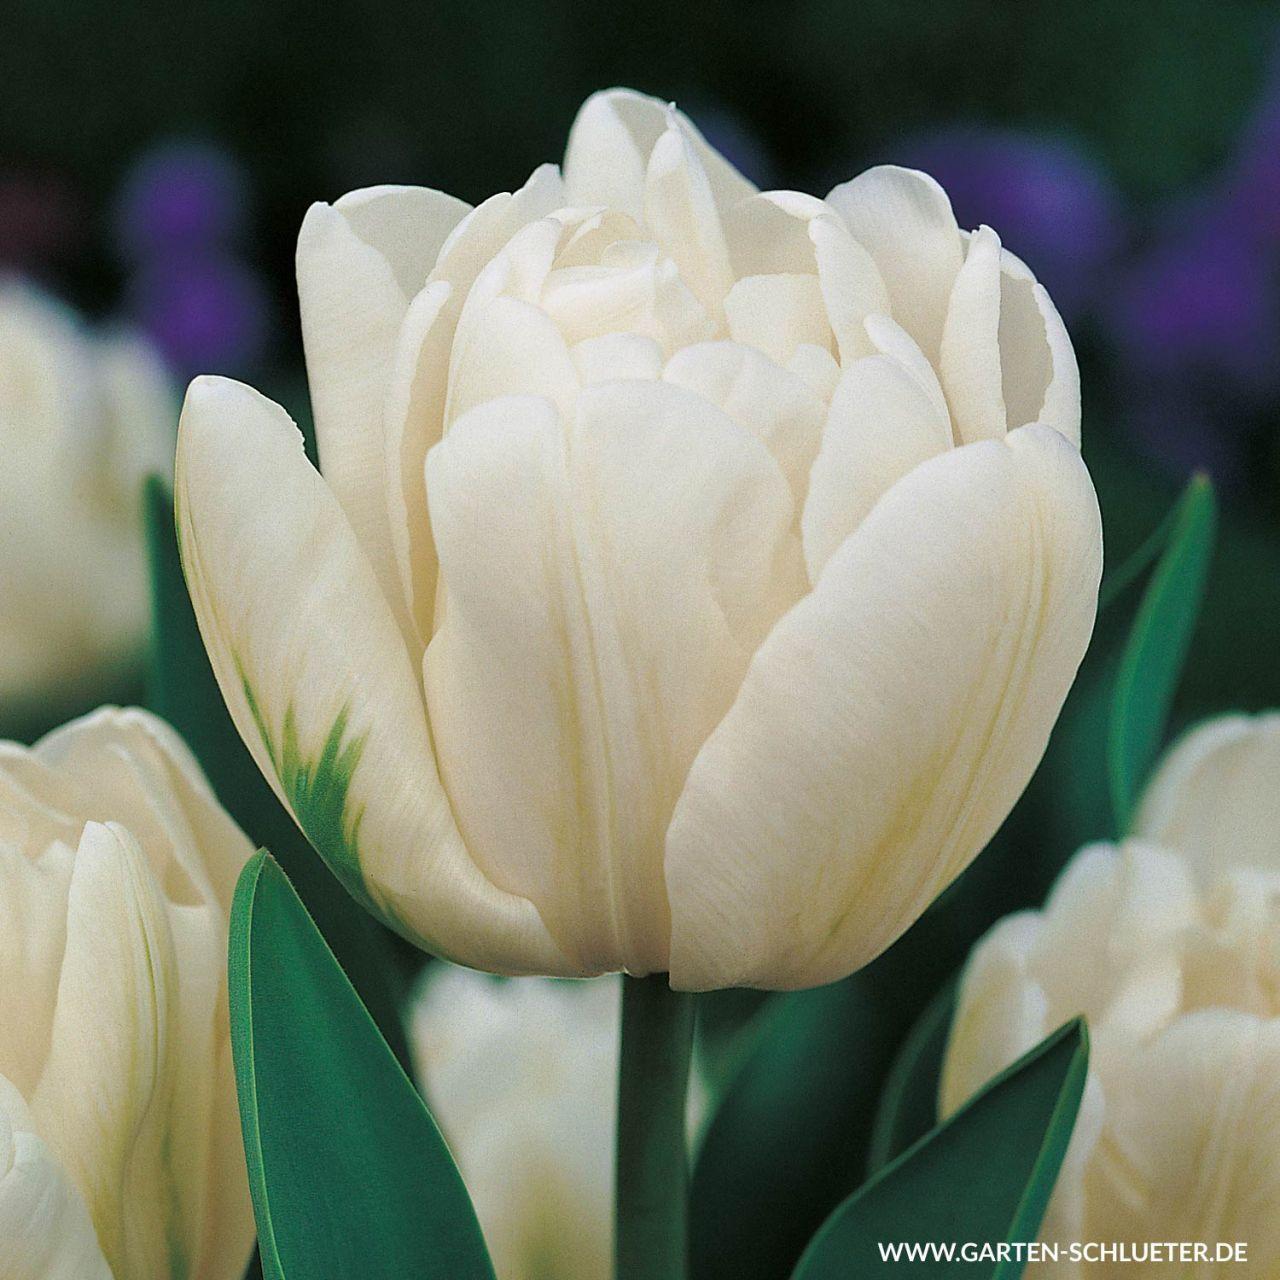 Garten-Schlueter.de: Gefüllte frühe Tulpe Mondial - 7 Stück